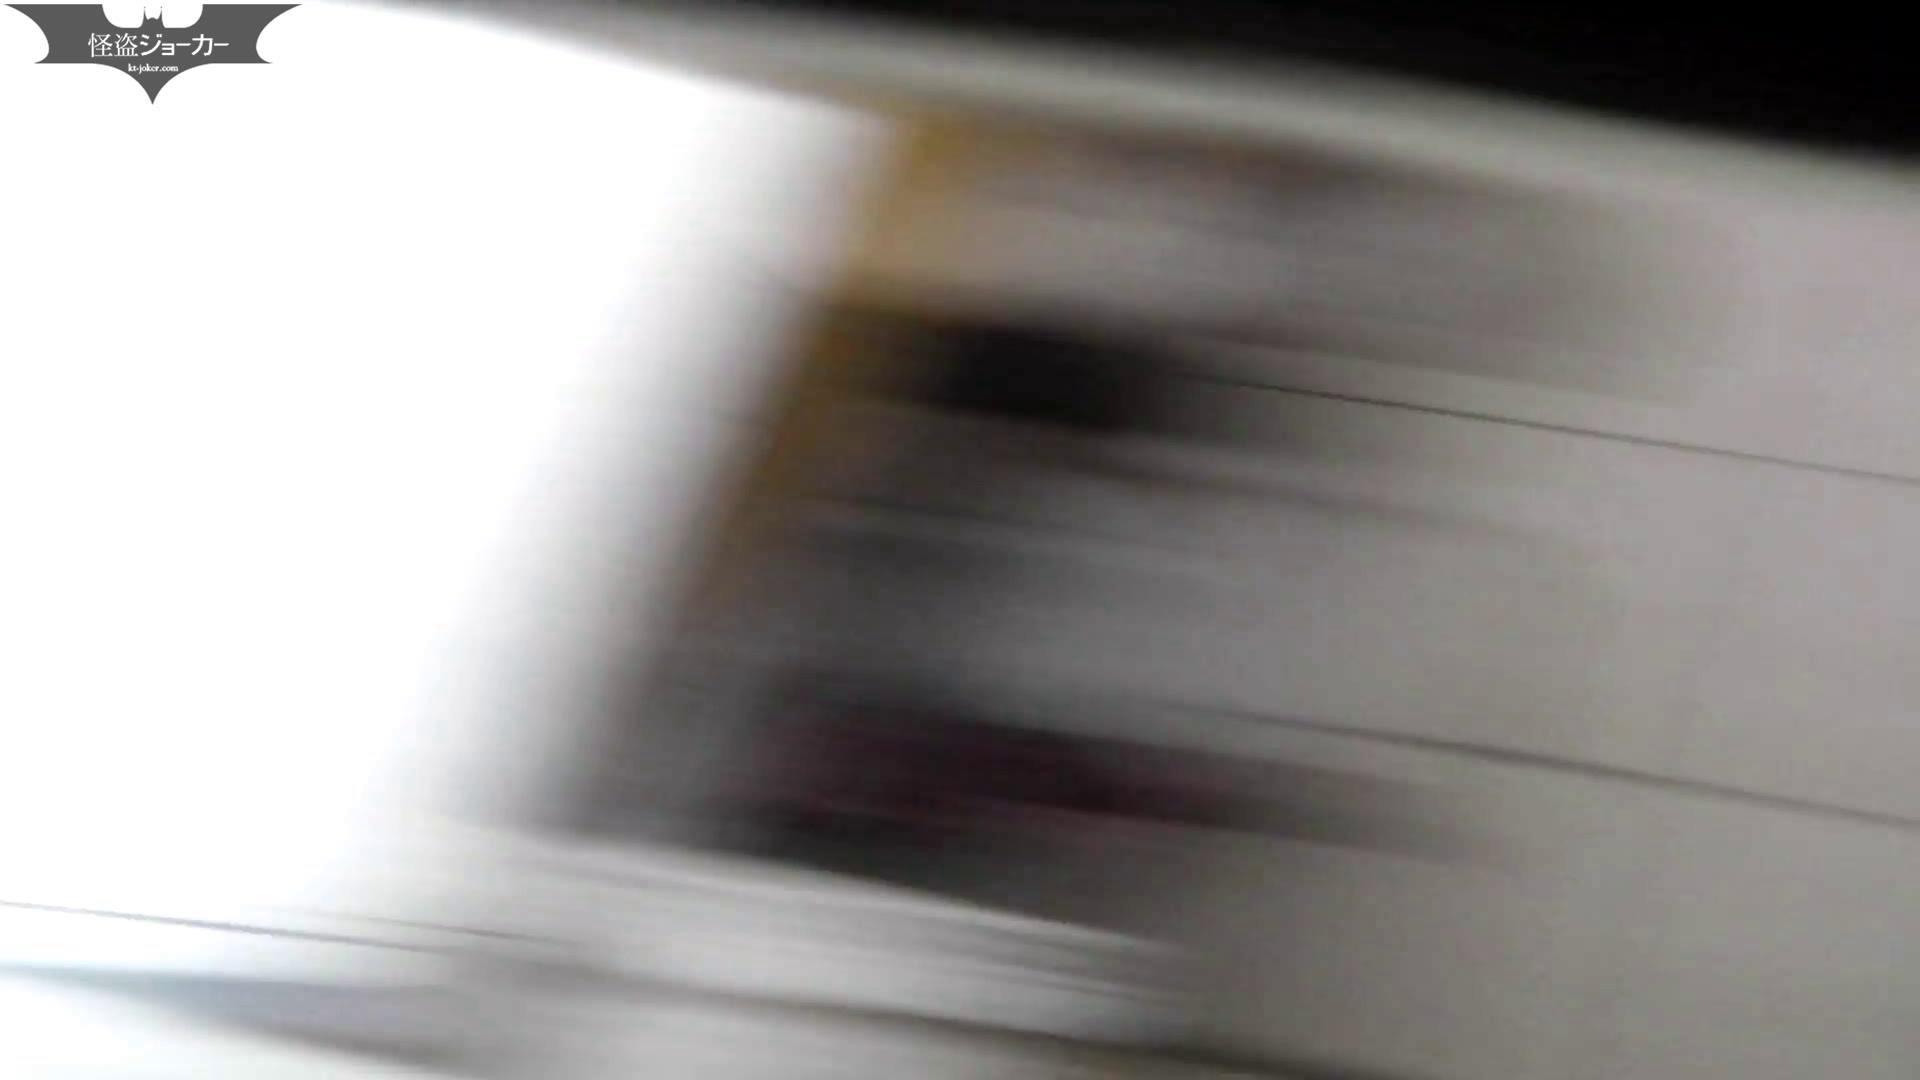 世界の射窓から ステーション編 vol.22 OLのボディ  71PIX 40